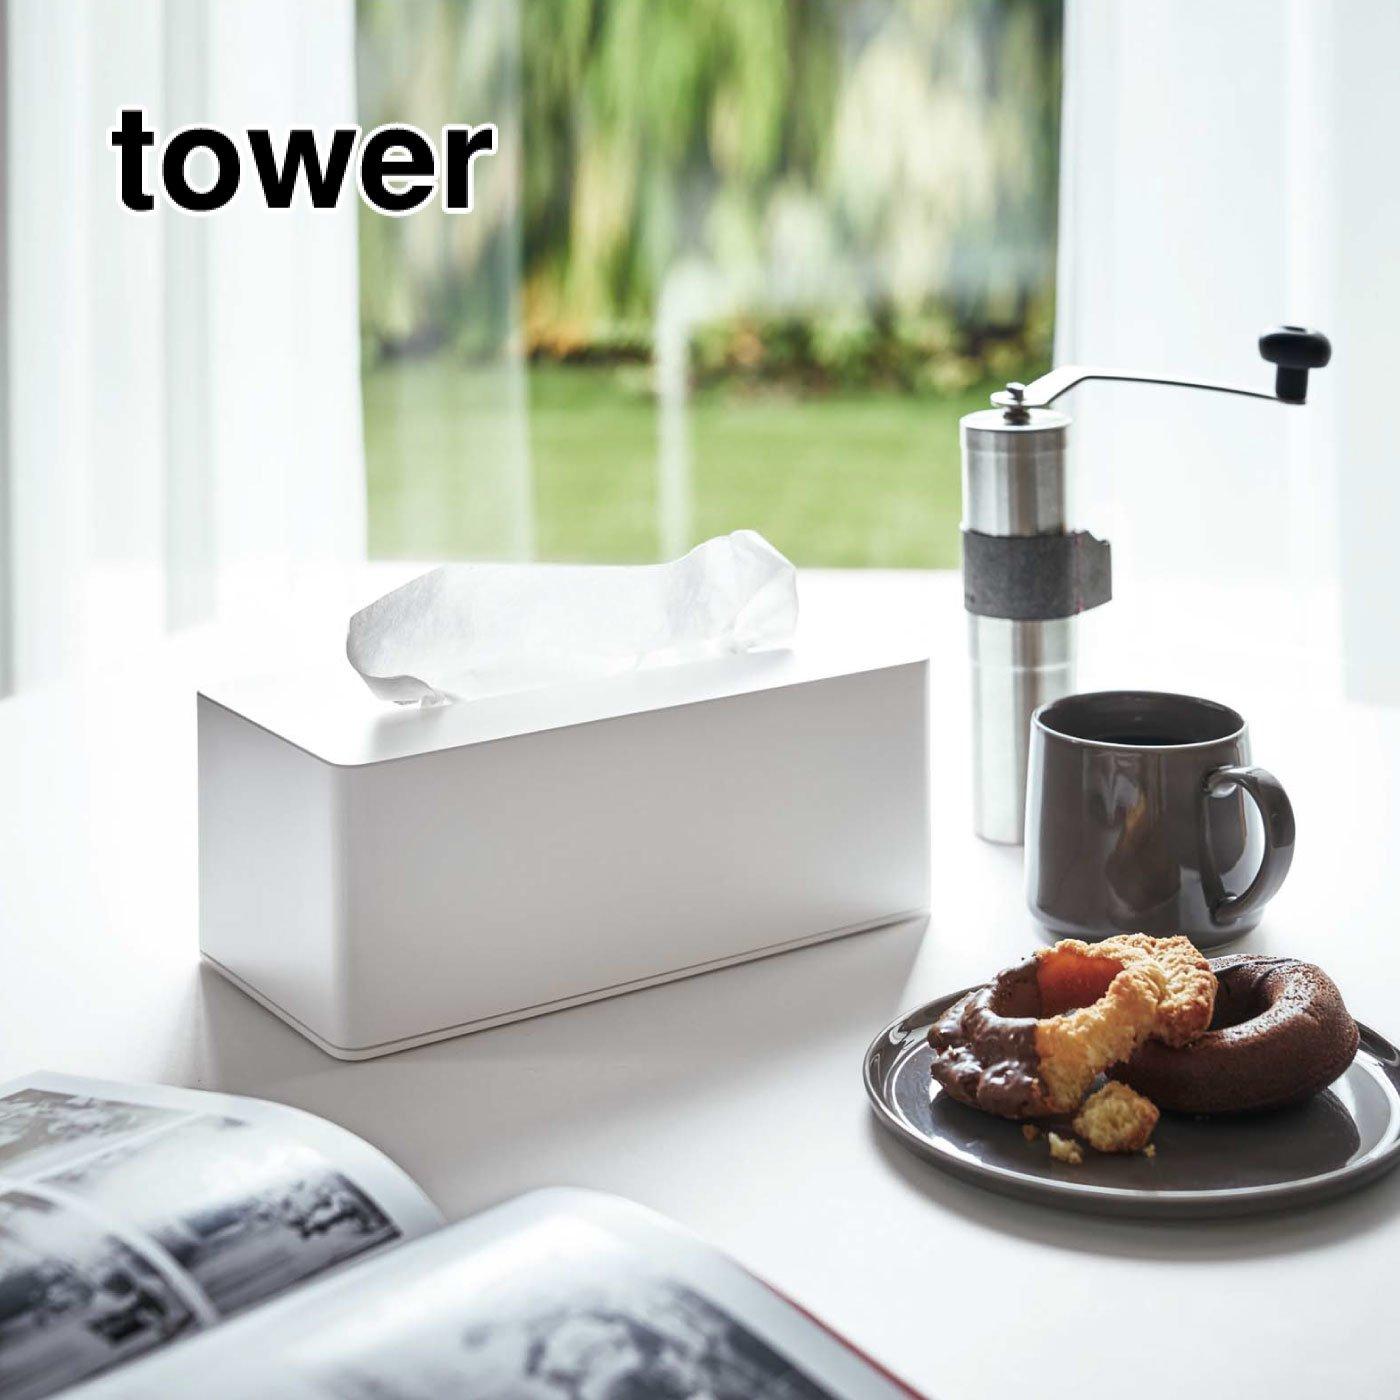 tower 厚型対応ティッシュケース(木ネジタイプ)